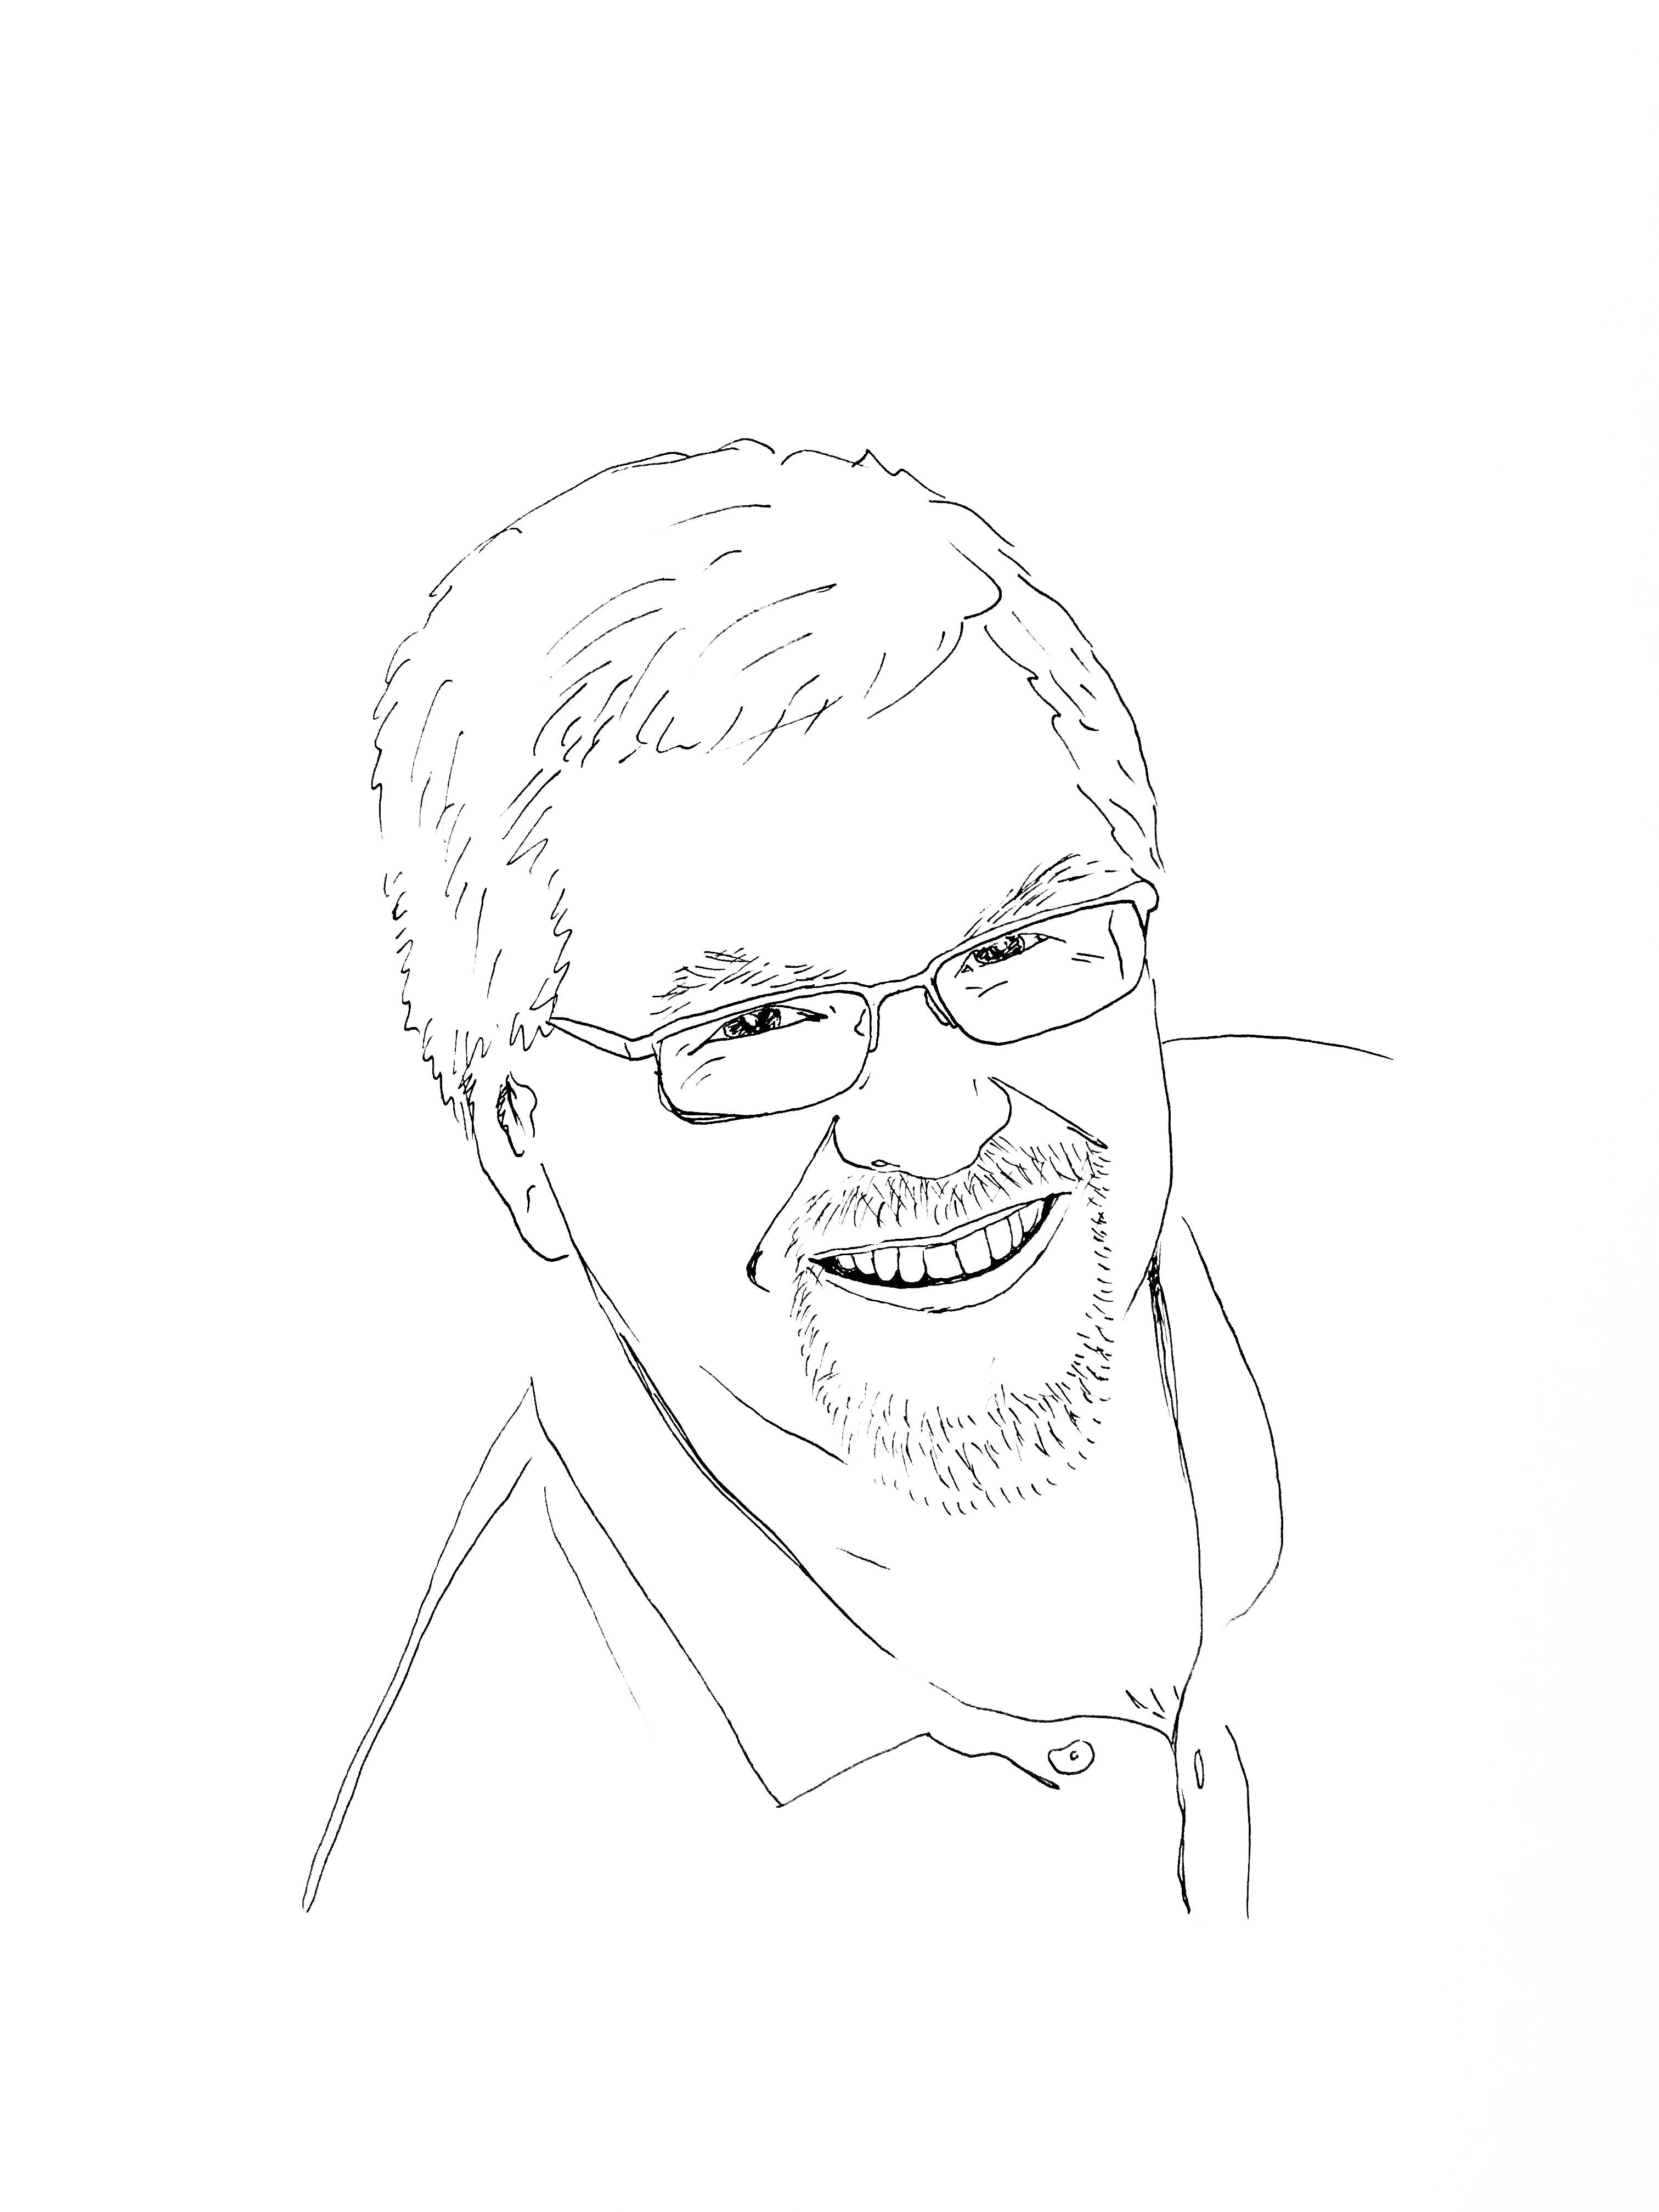 Eric Hanson, VR Specialist